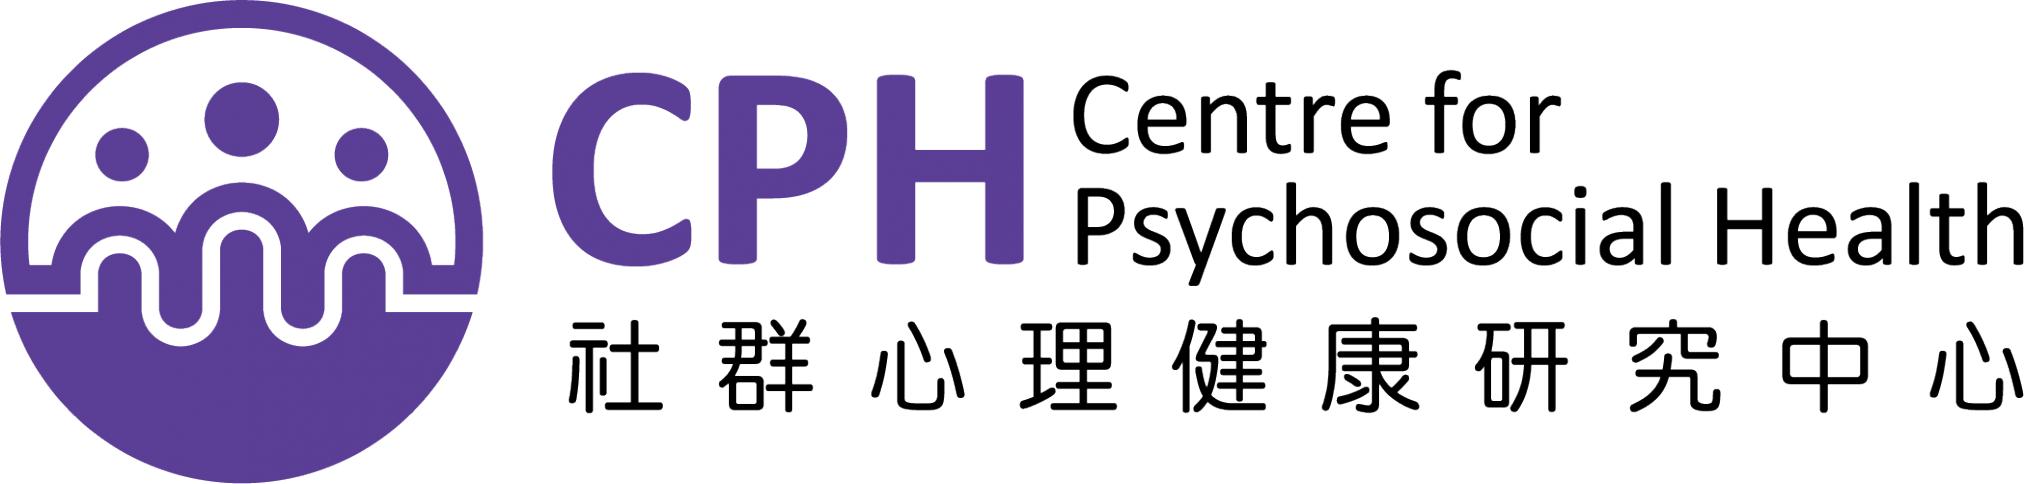 社群心理健康研究中心